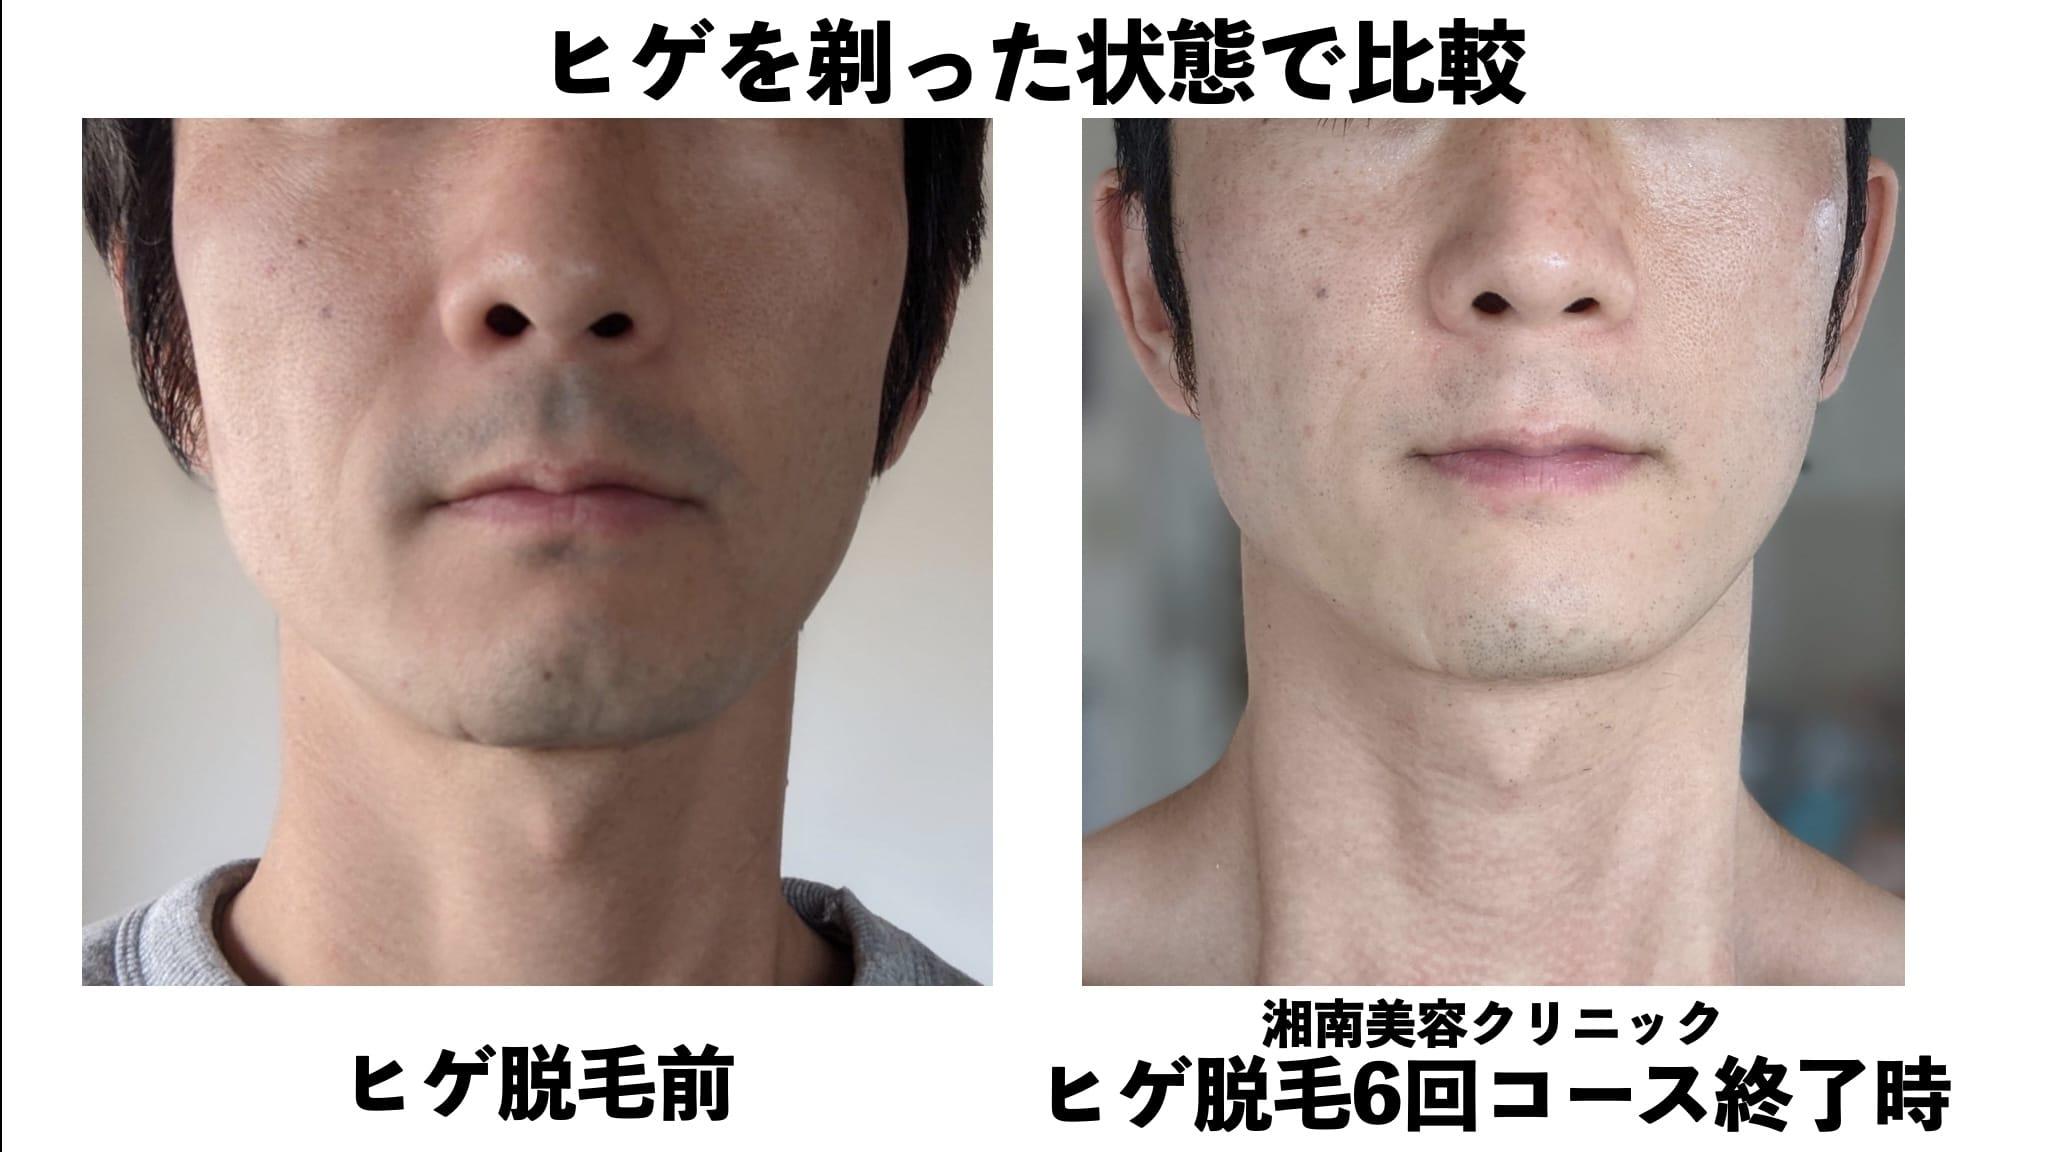 ヒゲを剃った状態での比較(口周り)湘南美容クリニックのヒゲ脱毛の効果検証